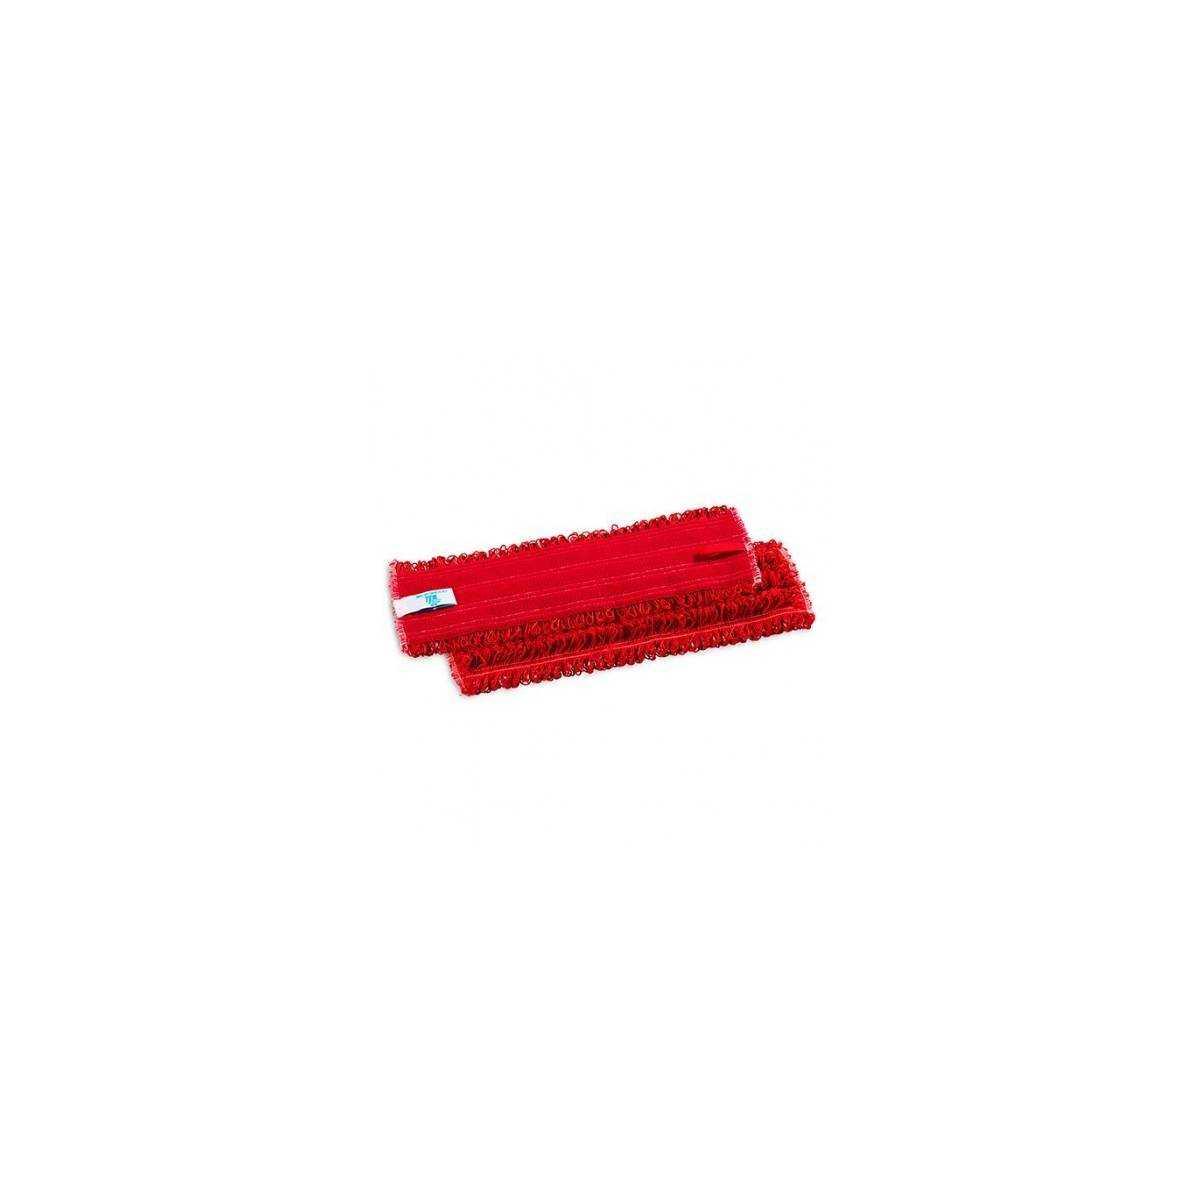 Моп Microriccio Velcro микрофибра 40см (Красного цвета) 0RR00745MR TTS